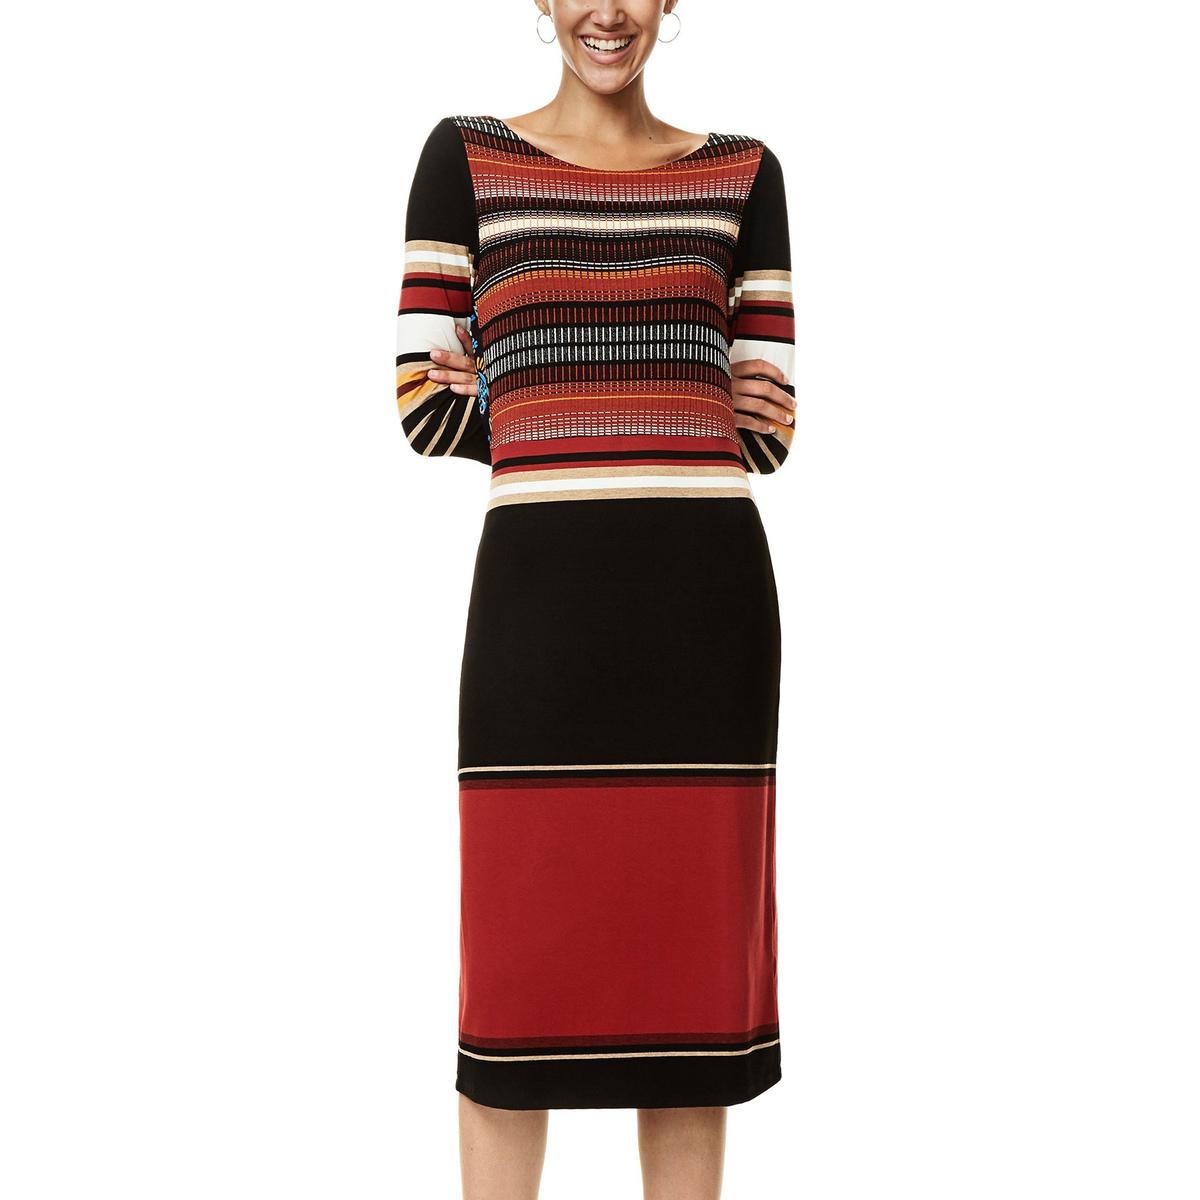 a73b3ec7a3 Moda Donna Accessori Sciarpe e pashmine, maxisport Shopping